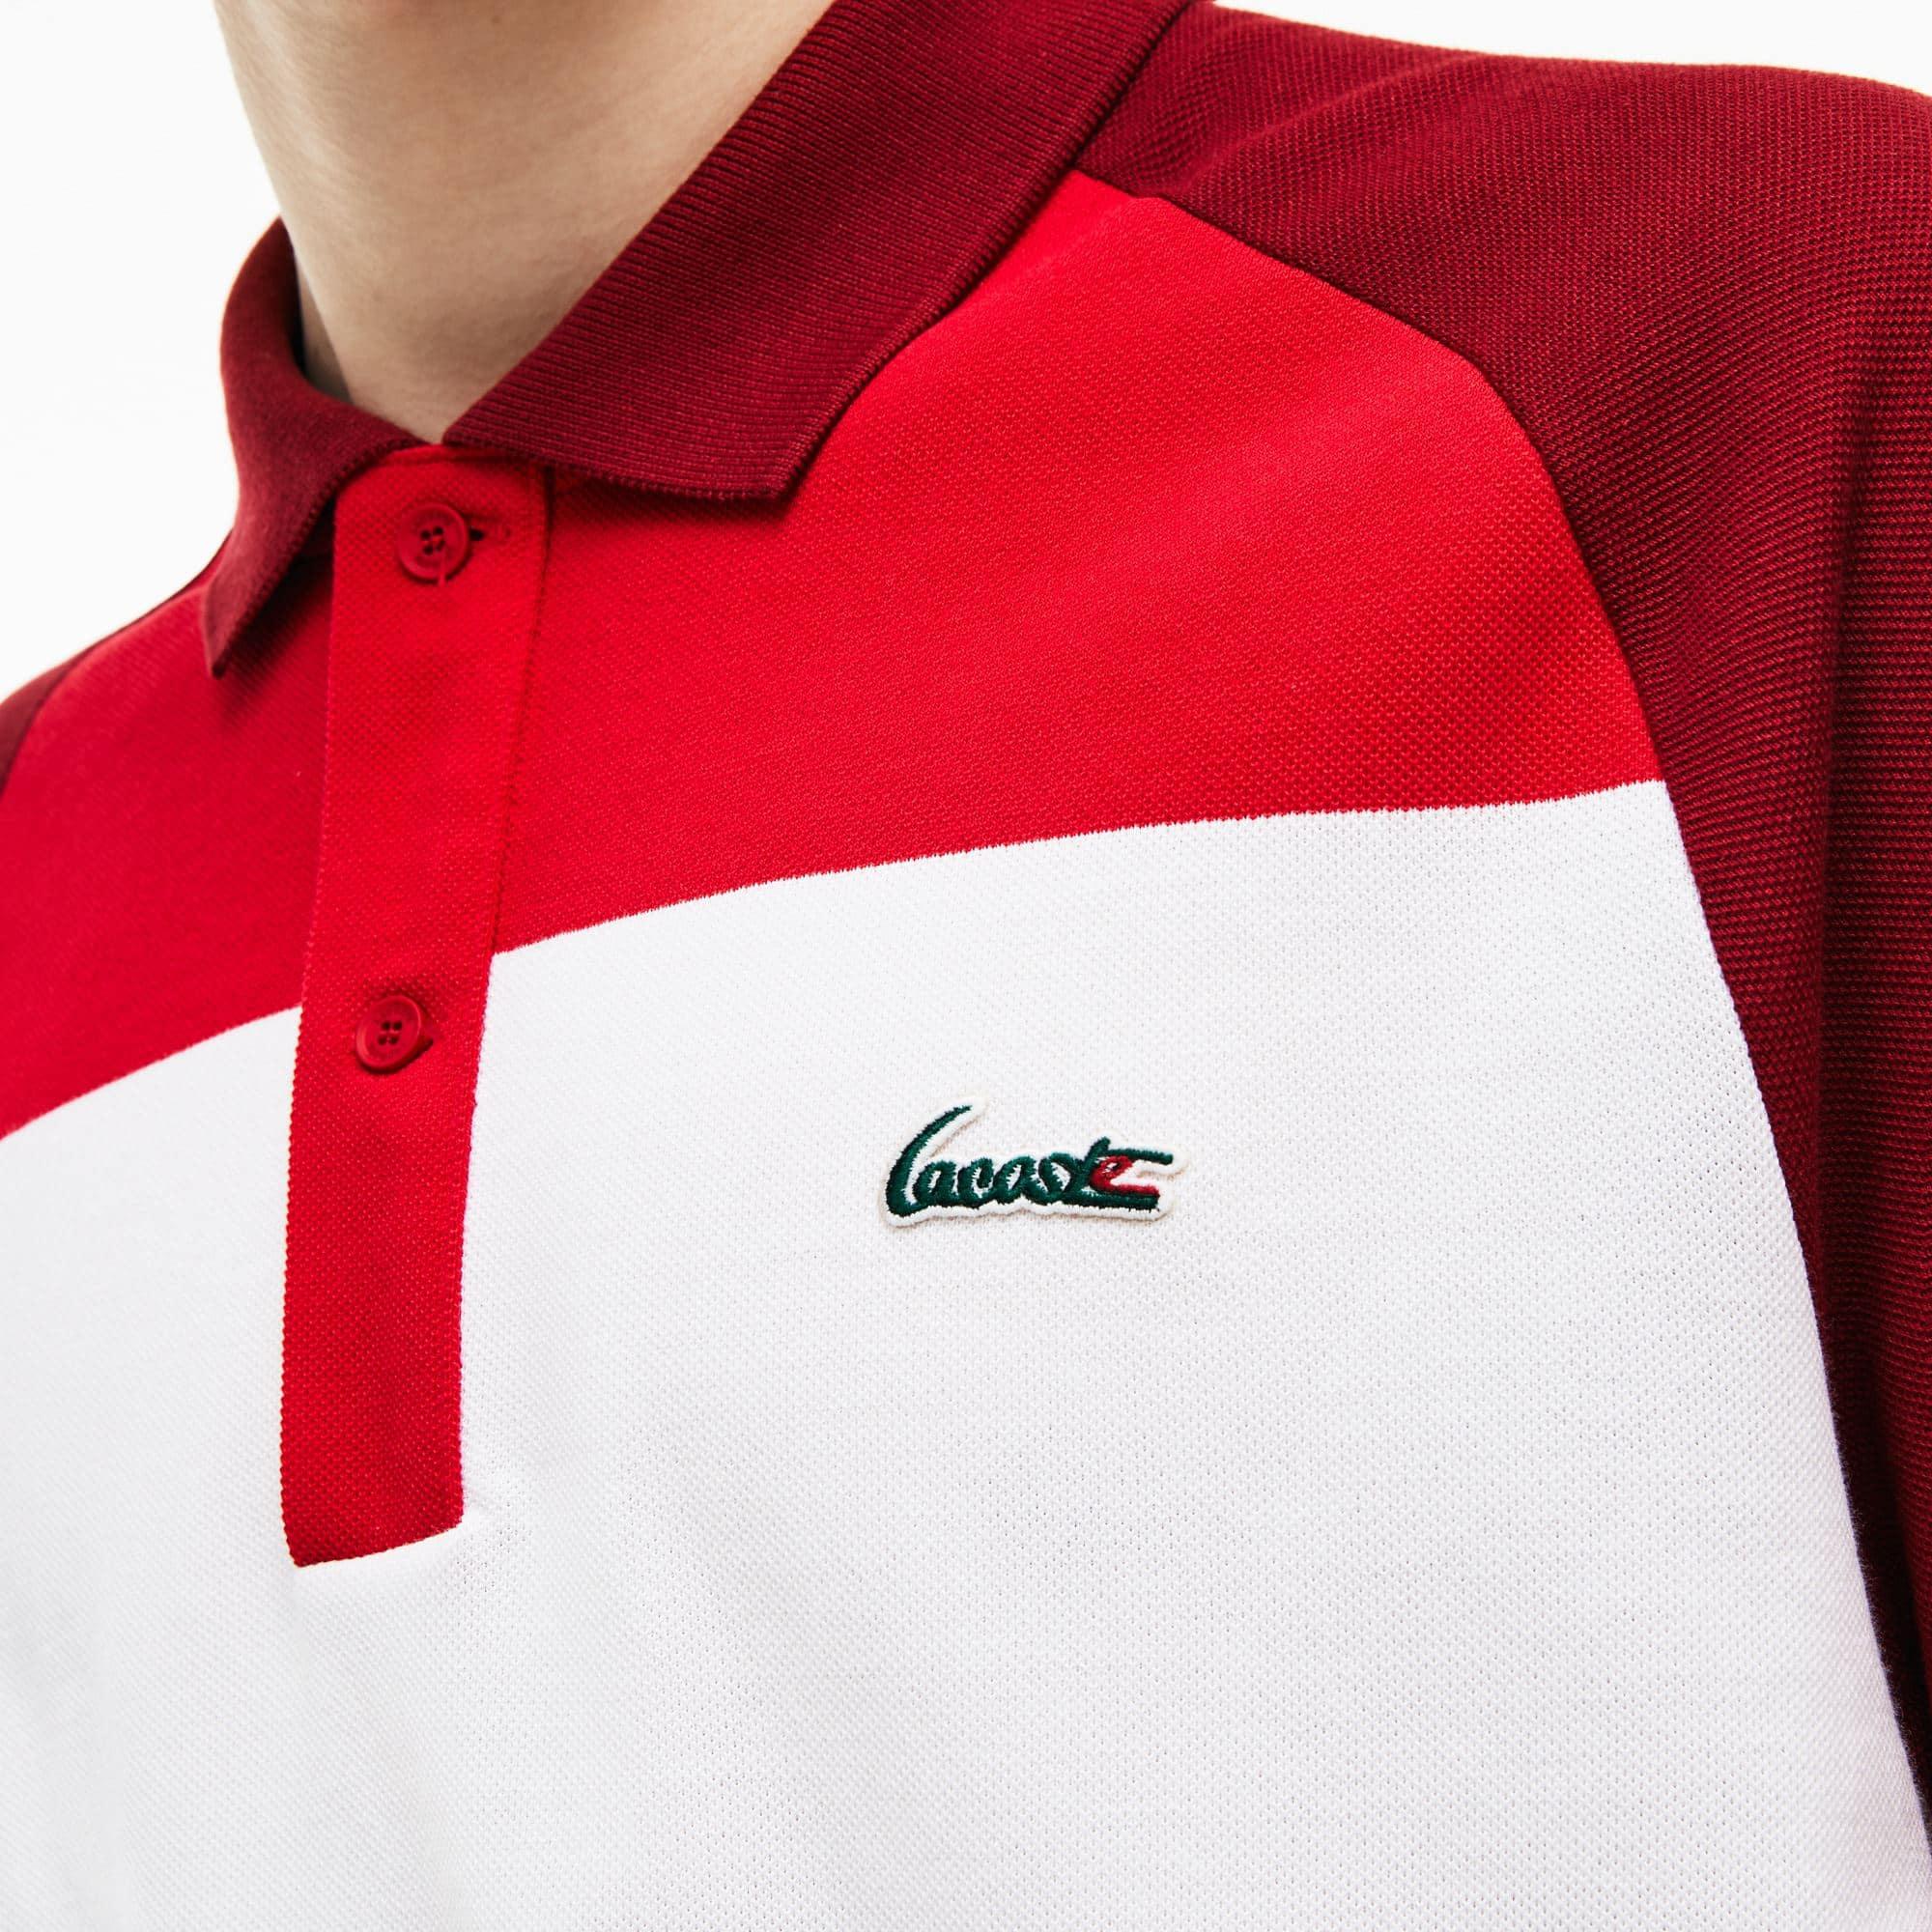 Herren LACOSTE L.12.12 Poloshirt aus Petit Piqué mit Colorblocks